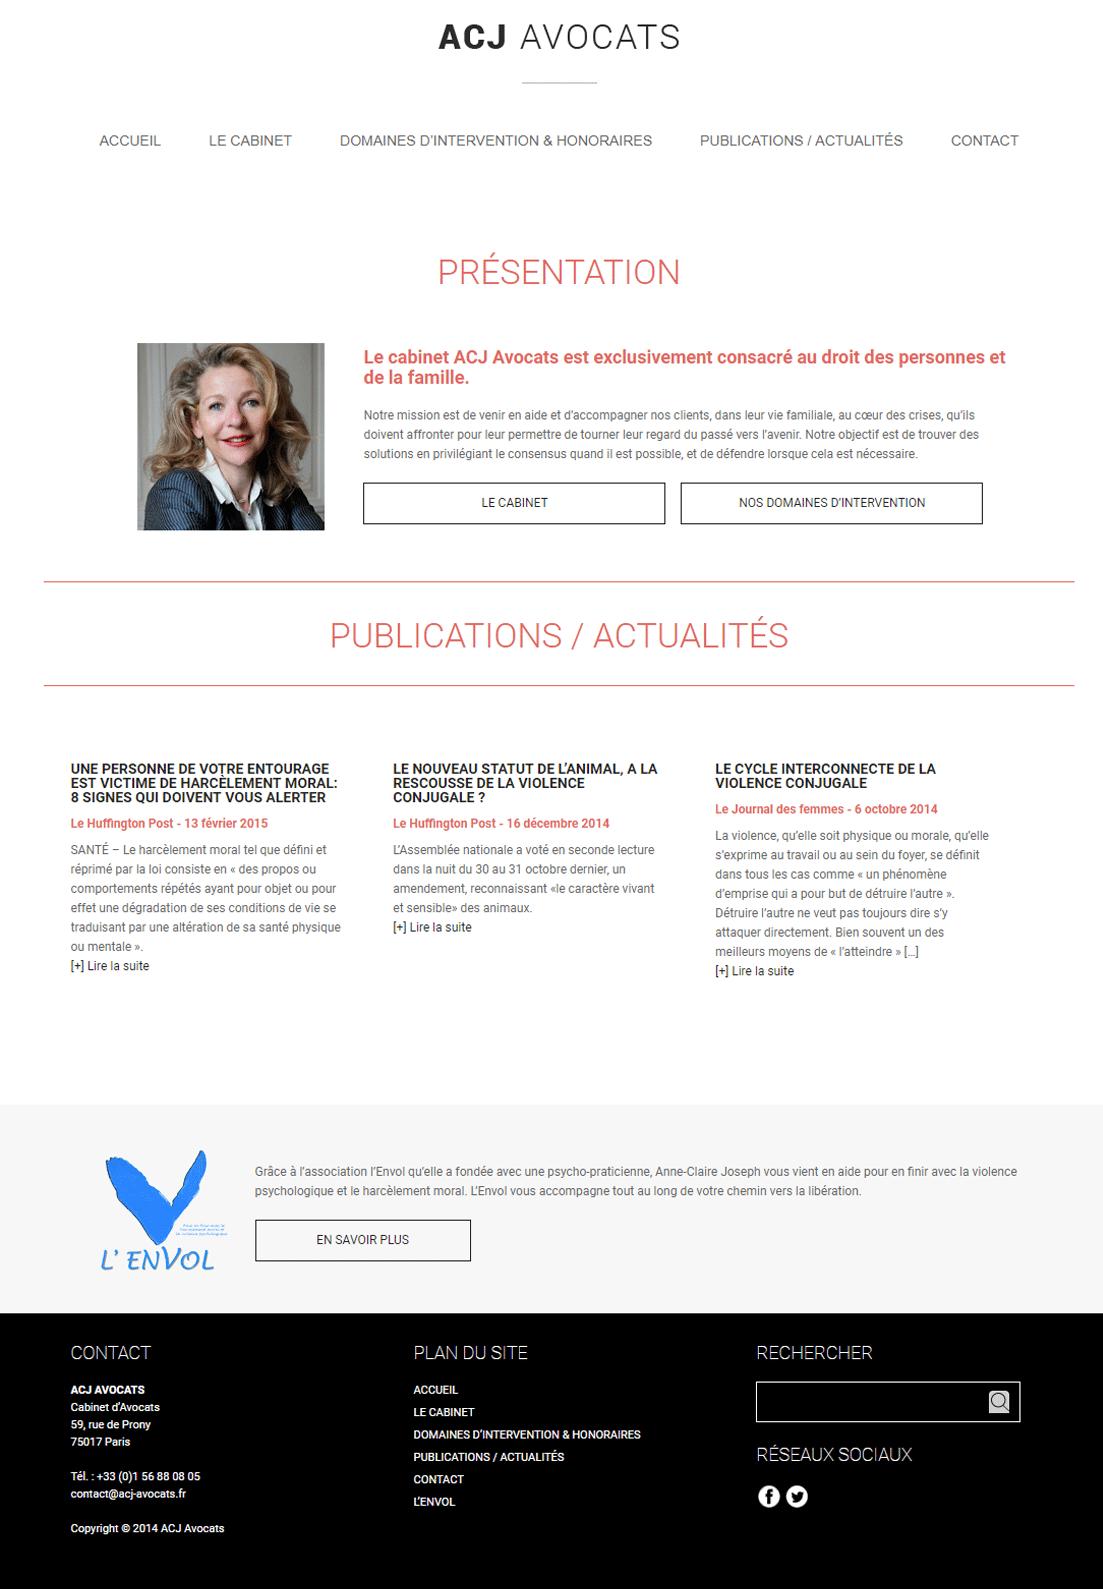 ACJ Avocat - Webdesigner freelance, 10 années d'expertise